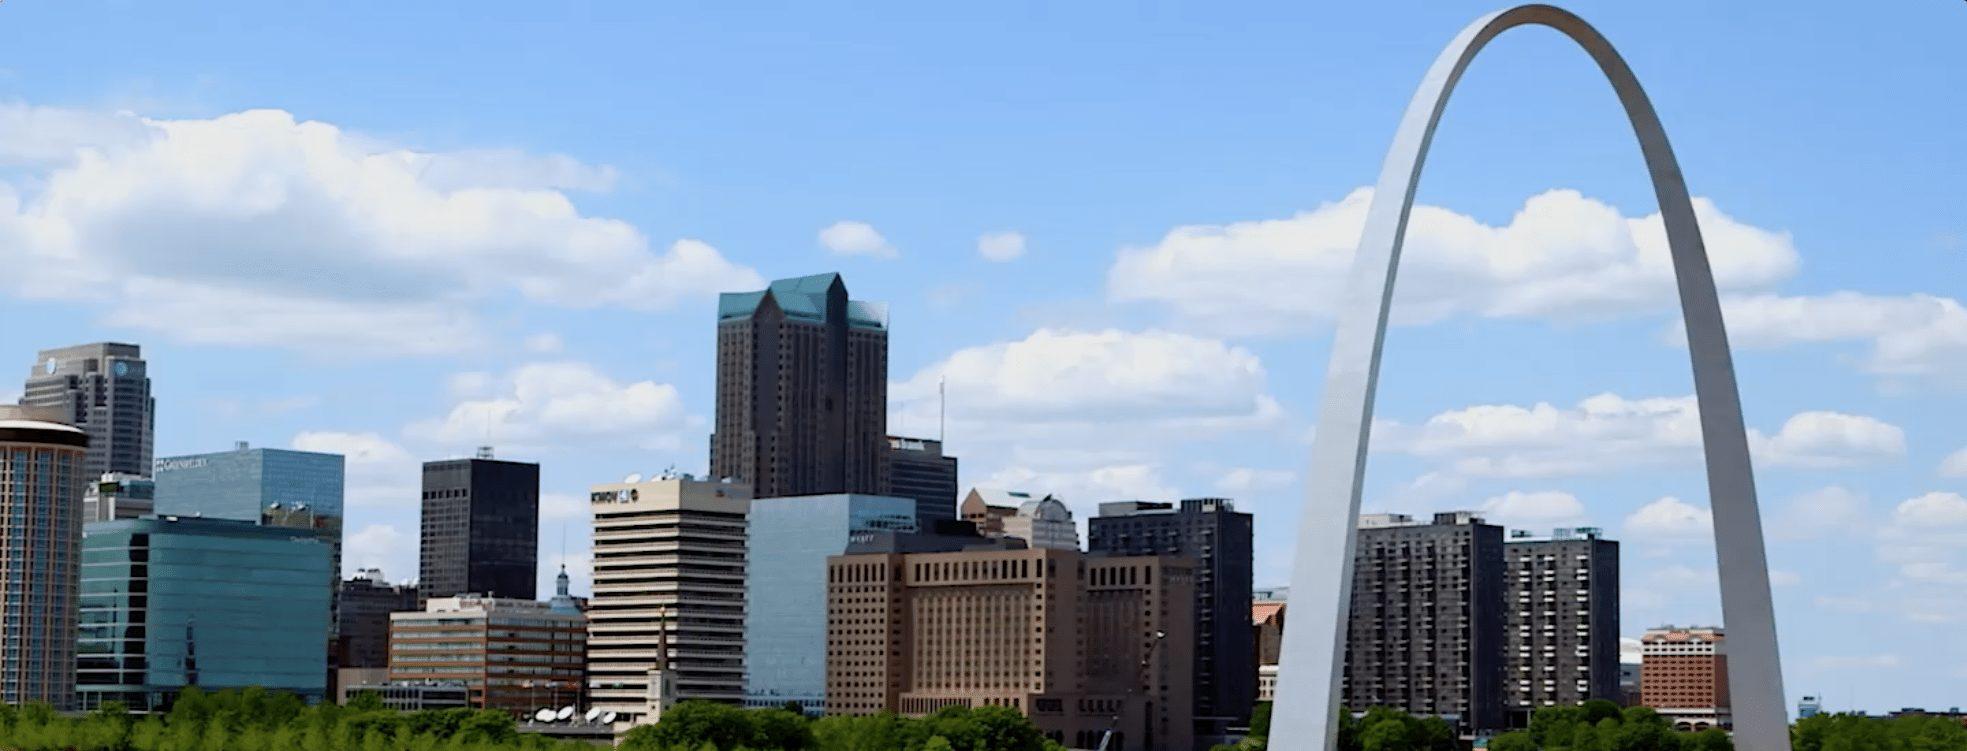 St. Louis Cannabis Jobs